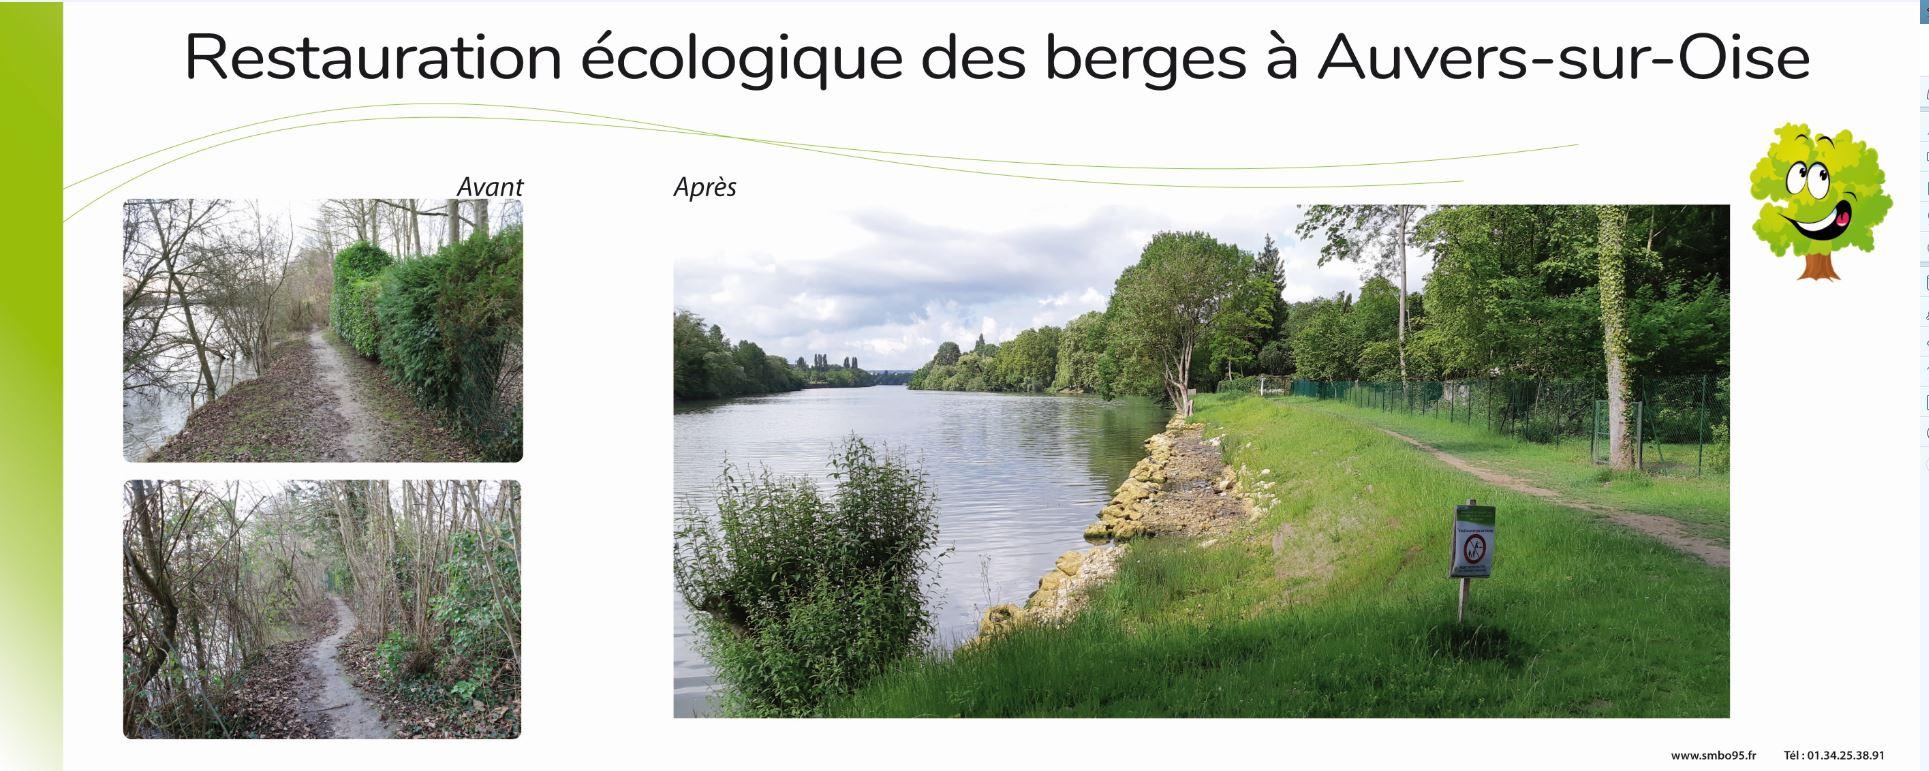 Avant-après-Auvers-sur-Oise_v2